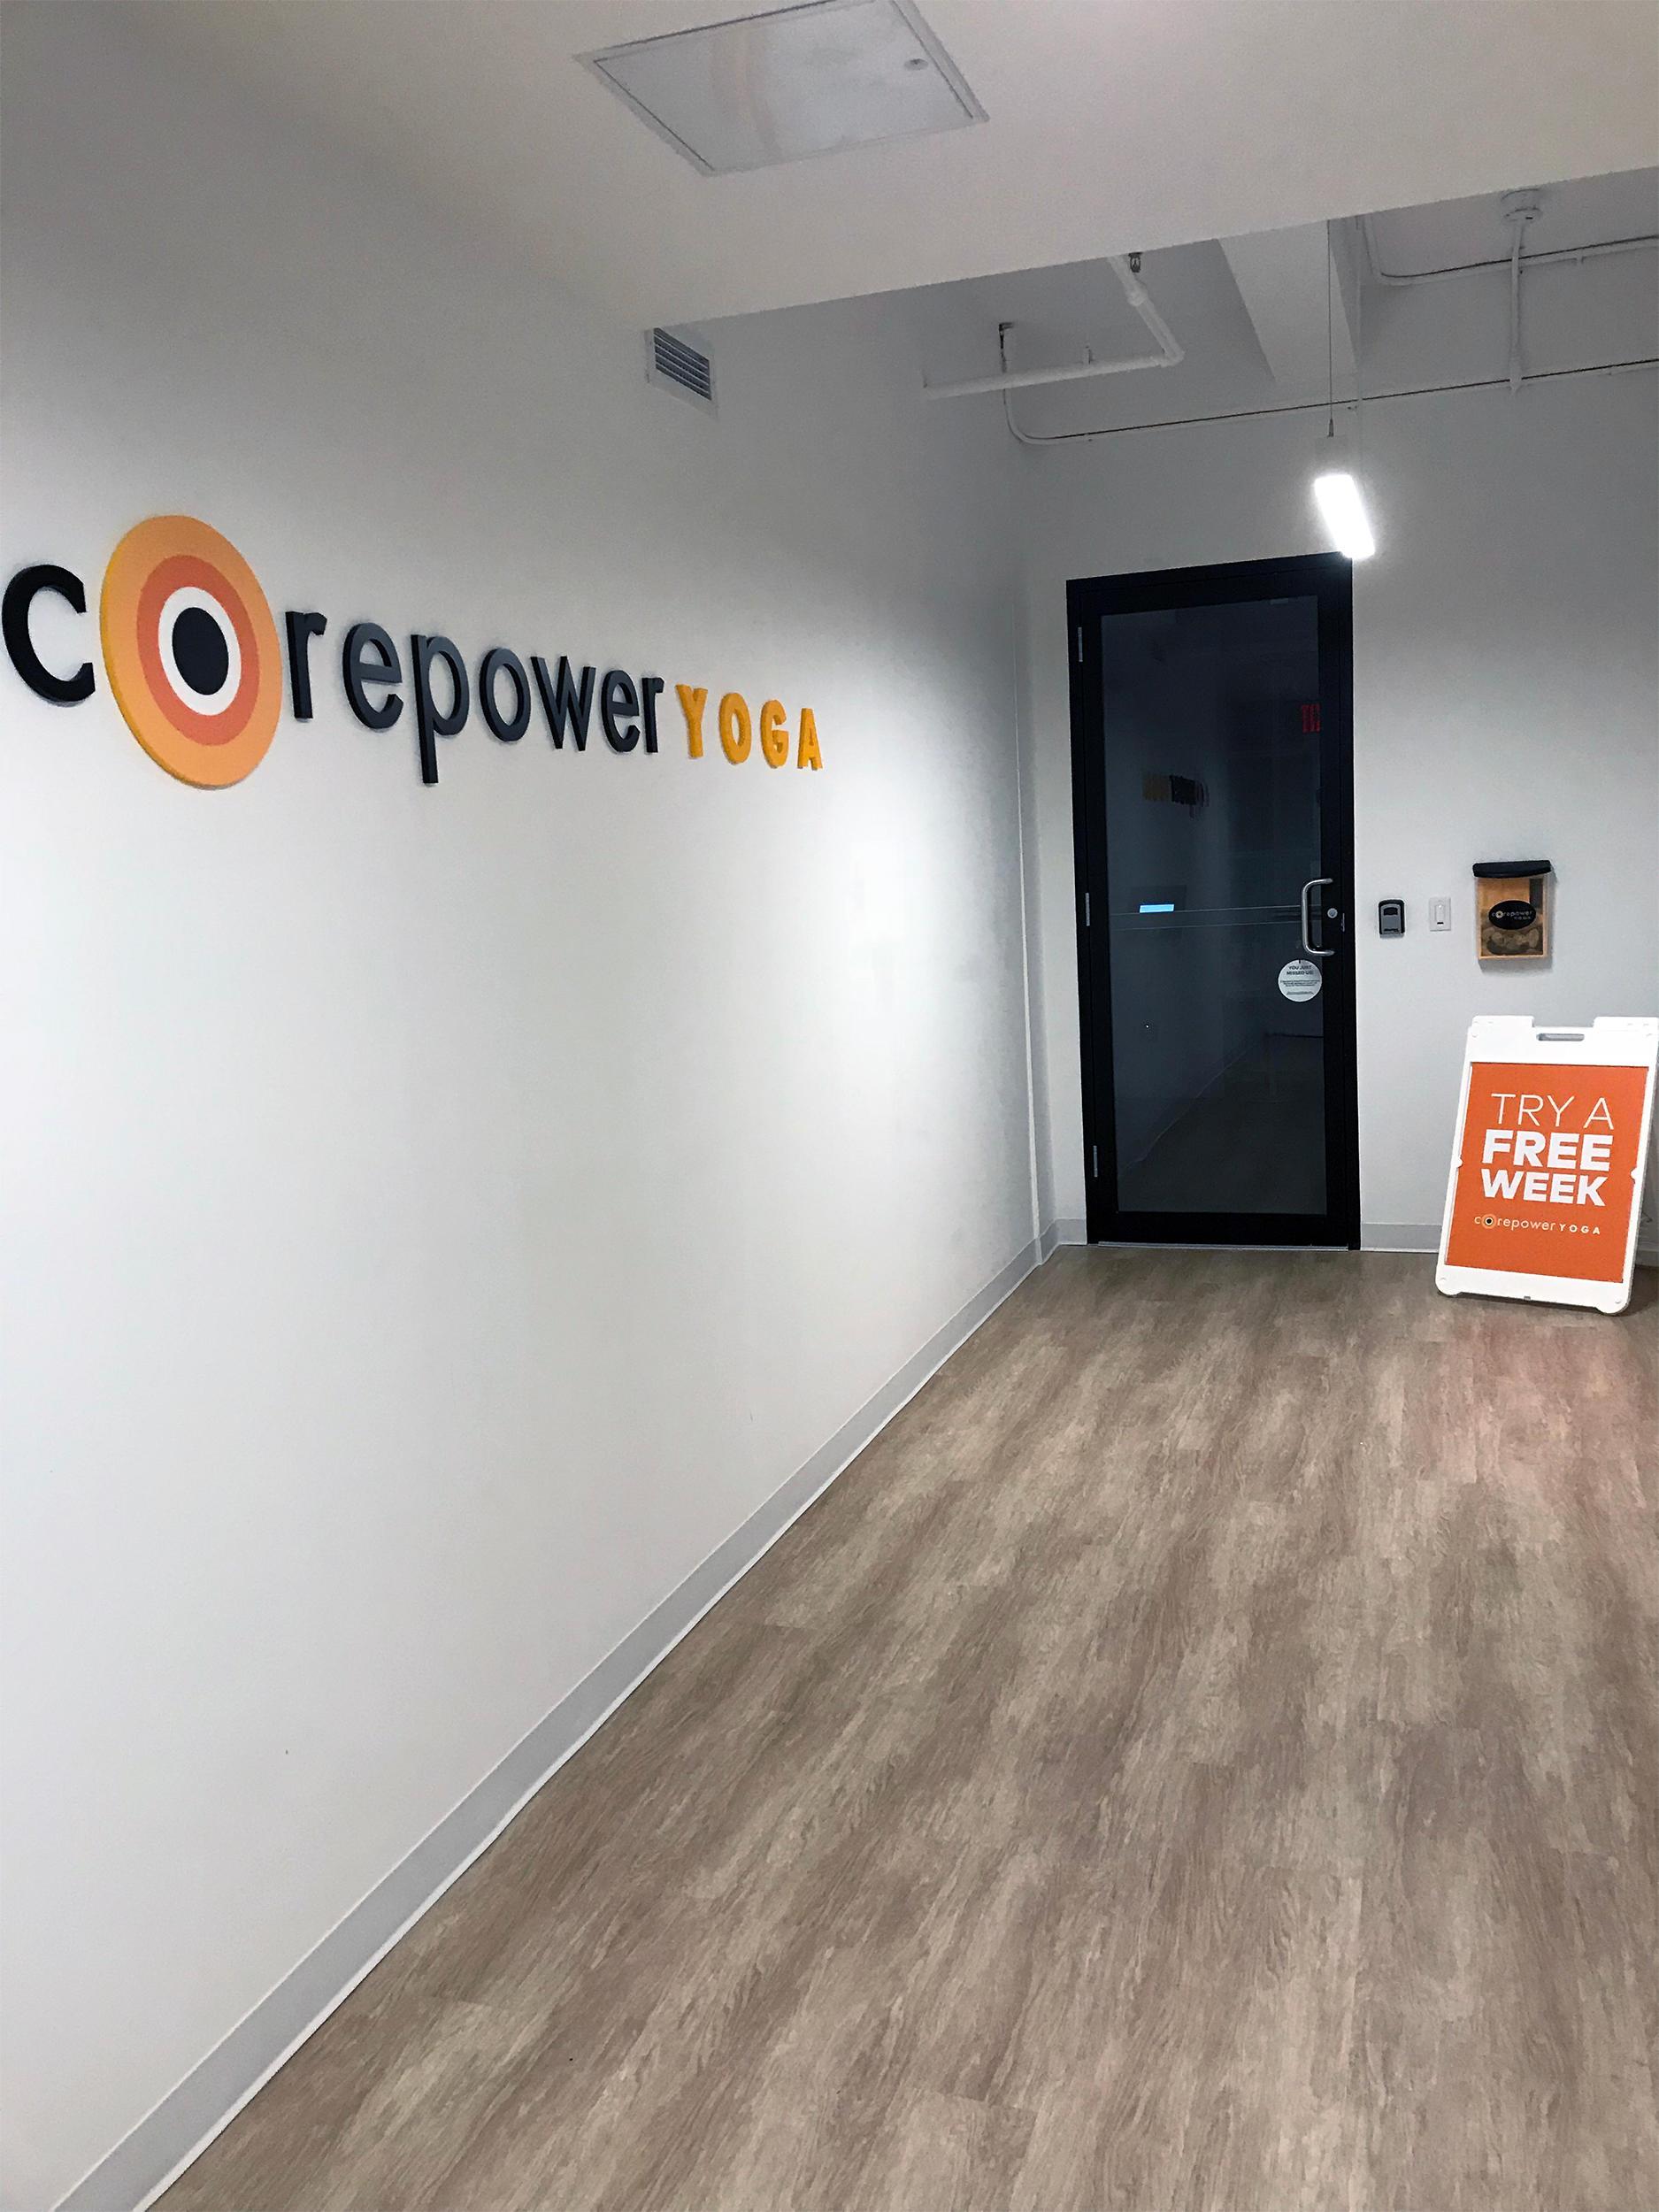 CorePower Yoga image 3